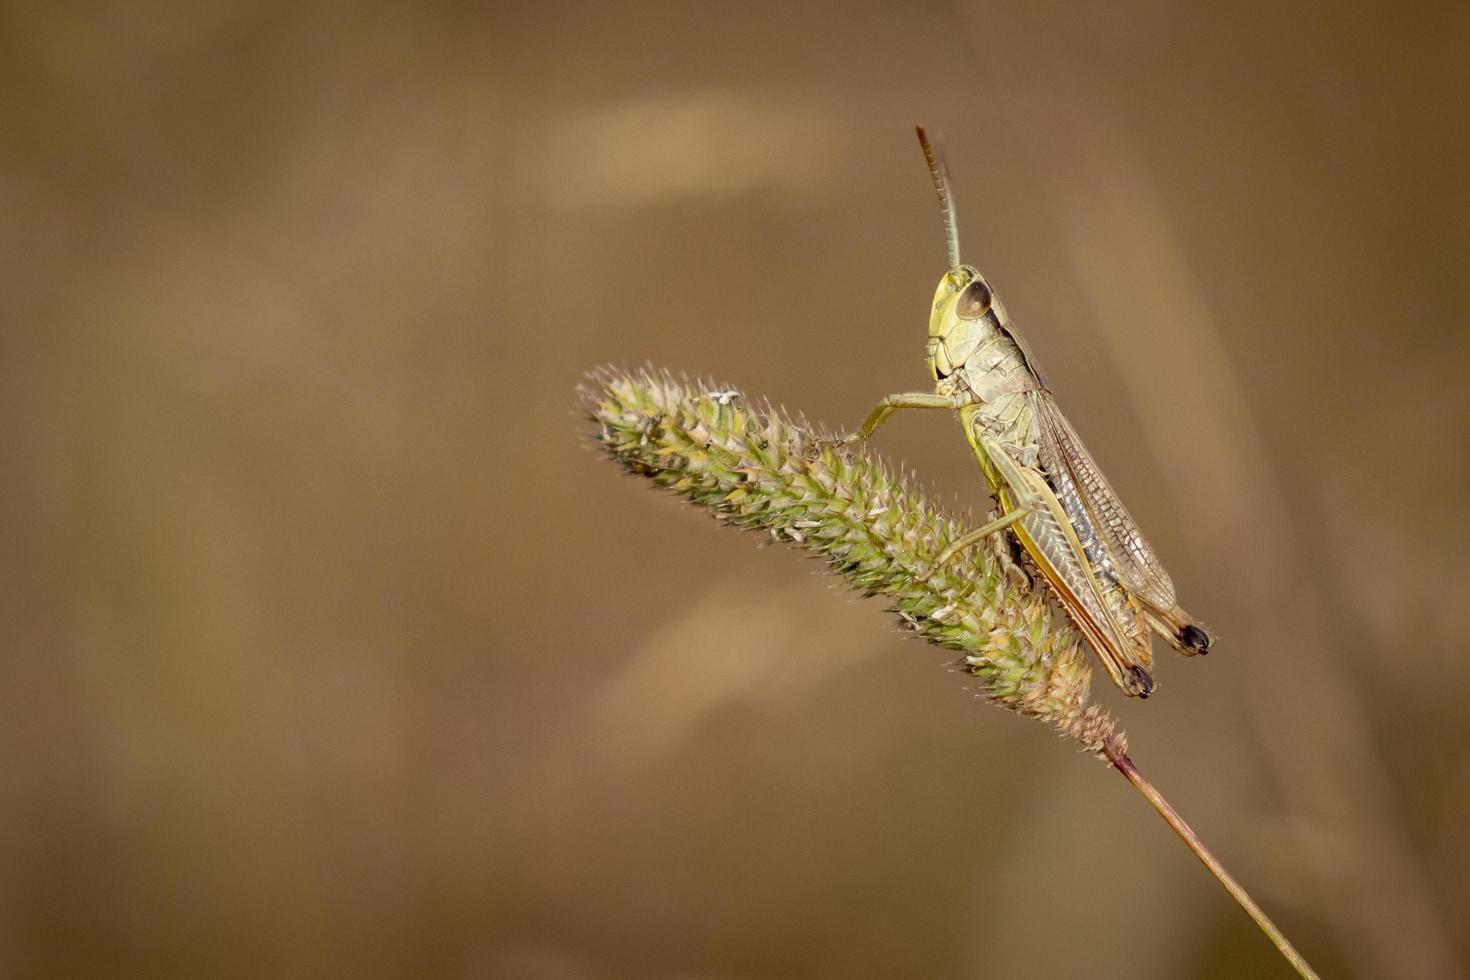 Saltamontes de pradera en una brizna de hierba foto